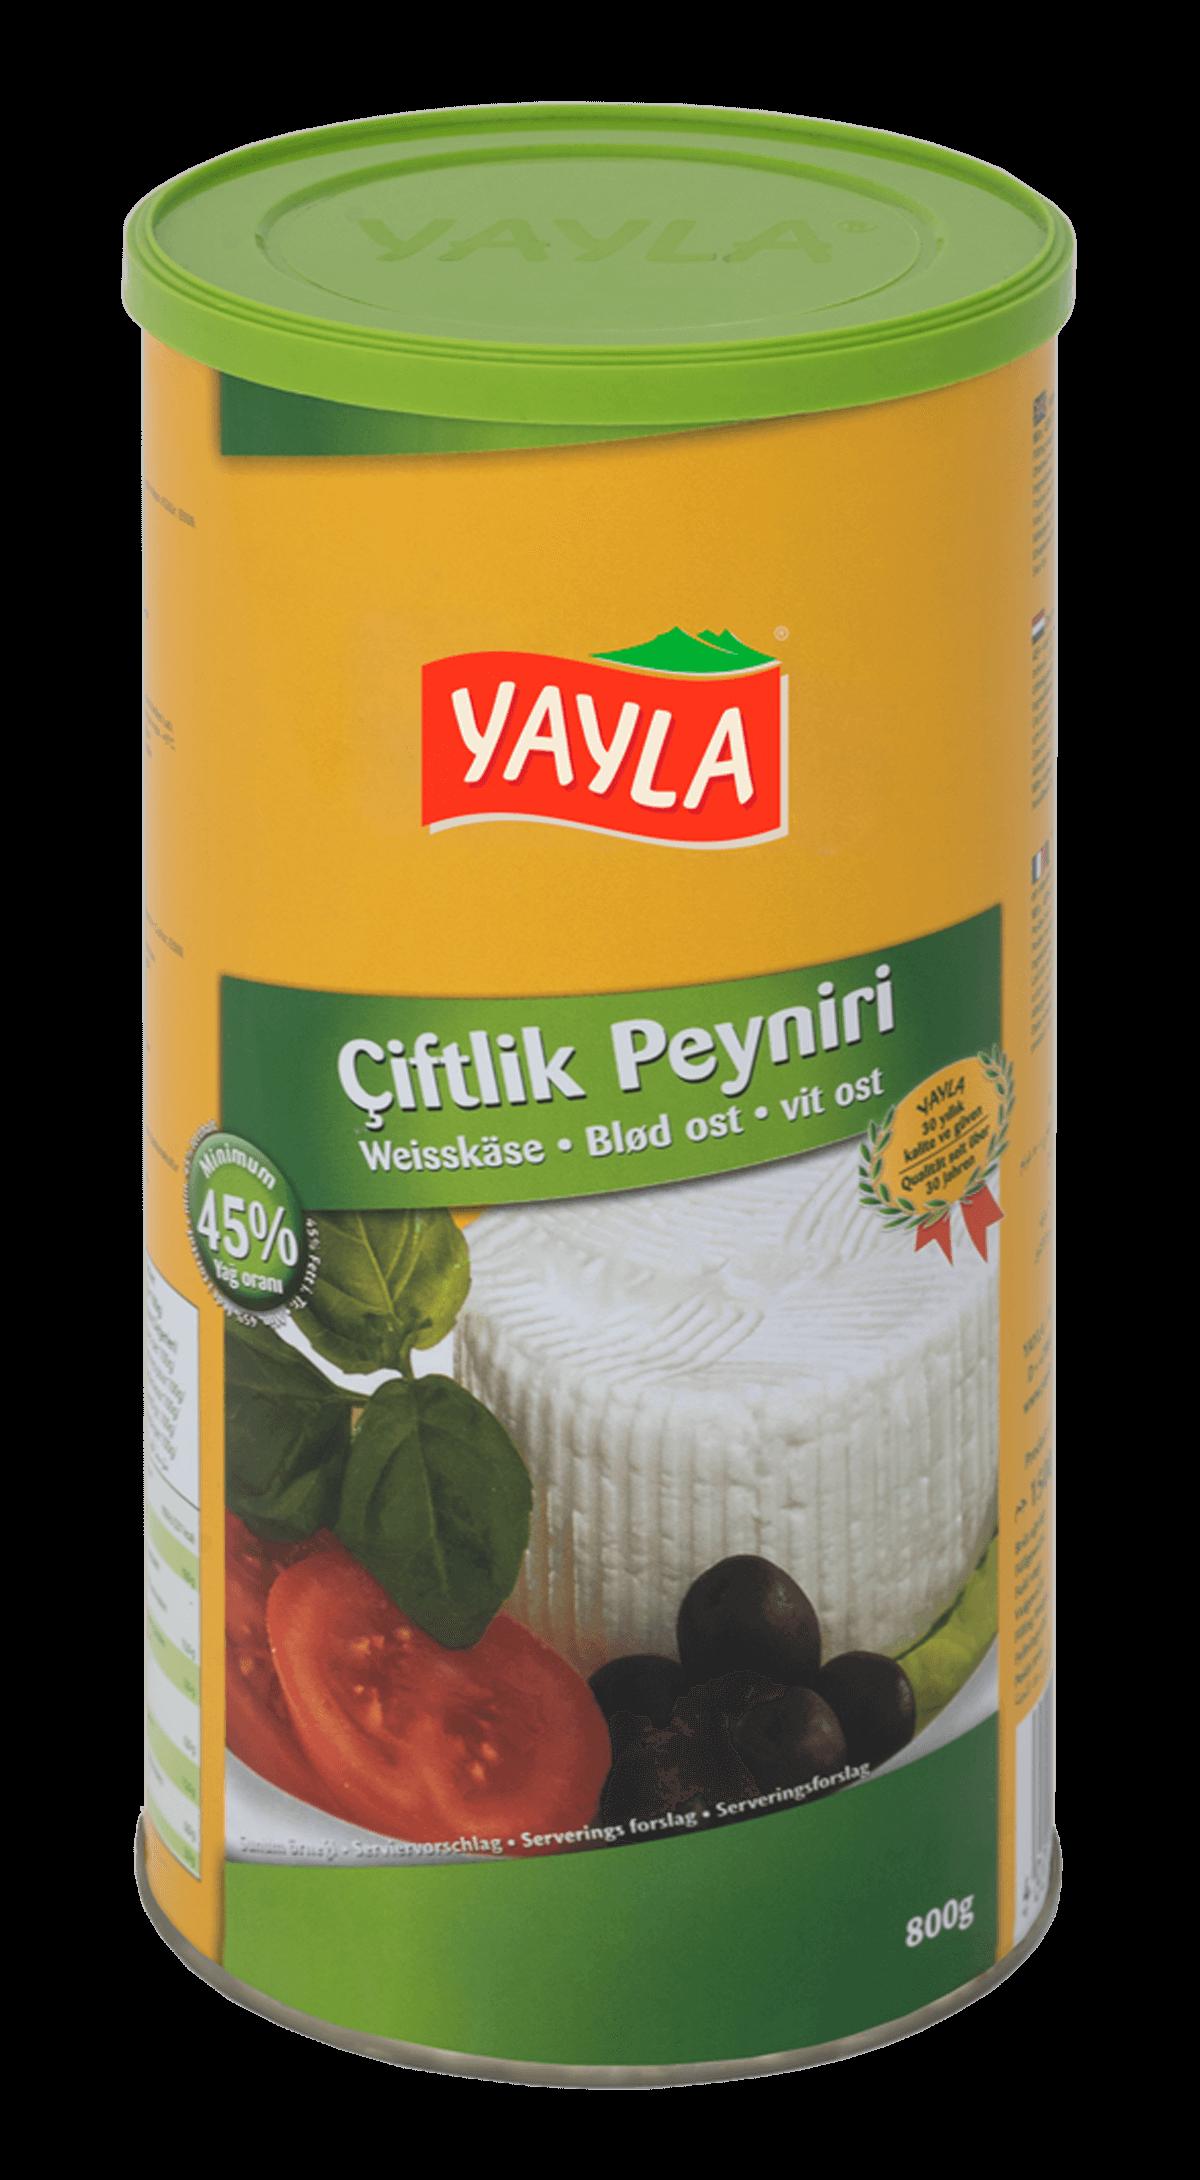 Yayla Ciftlik Peynir / Weißkäse 45% 1500g